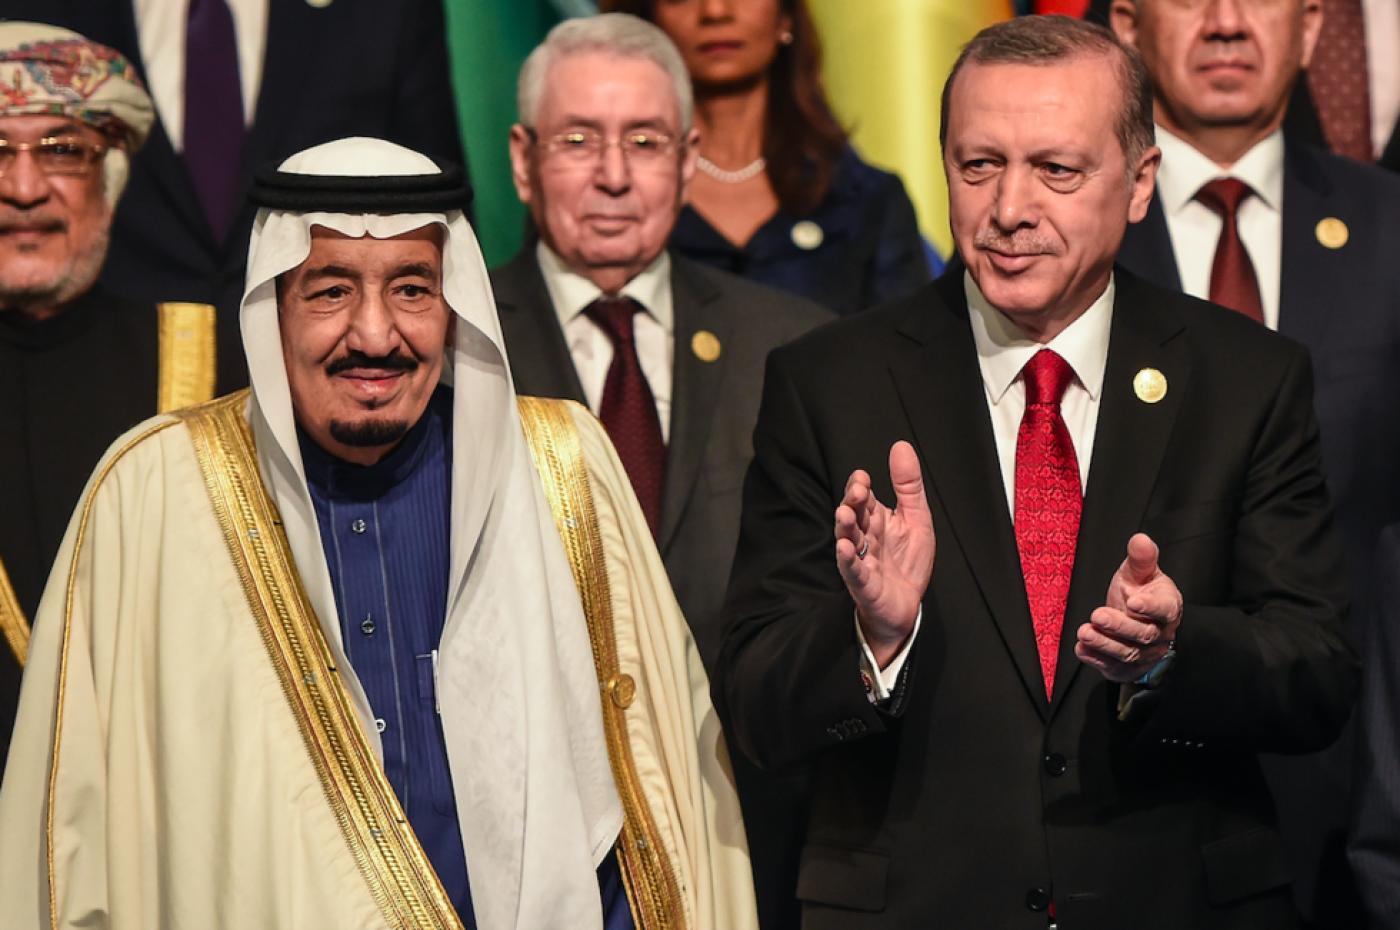 صورة مناخ إيجابي وملفات عالقة بين السعودية وتركيا.. هل يمكن فتح صفحة جديدة بين البلدين؟